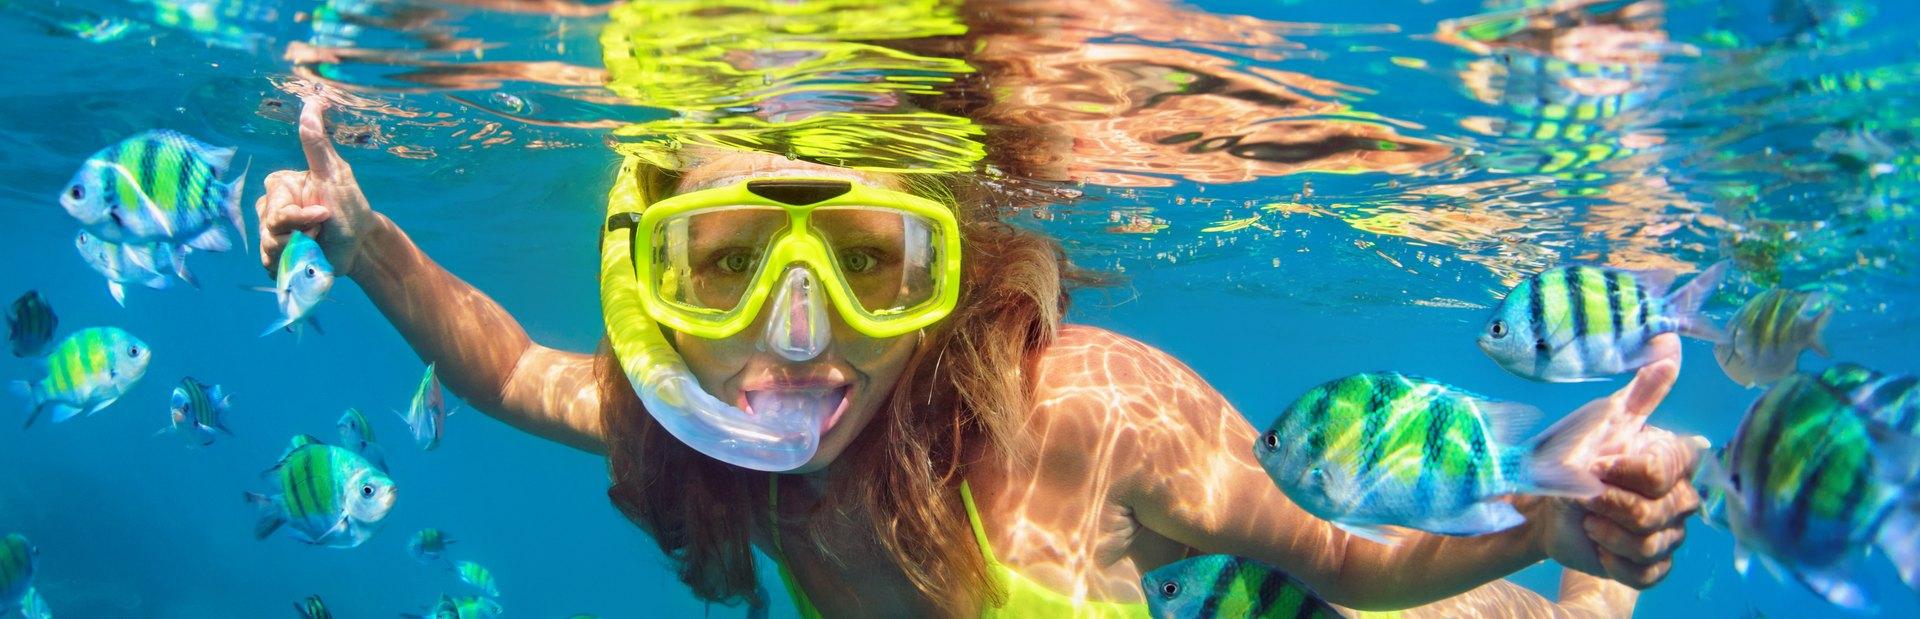 Phi Phi Islands photo tour